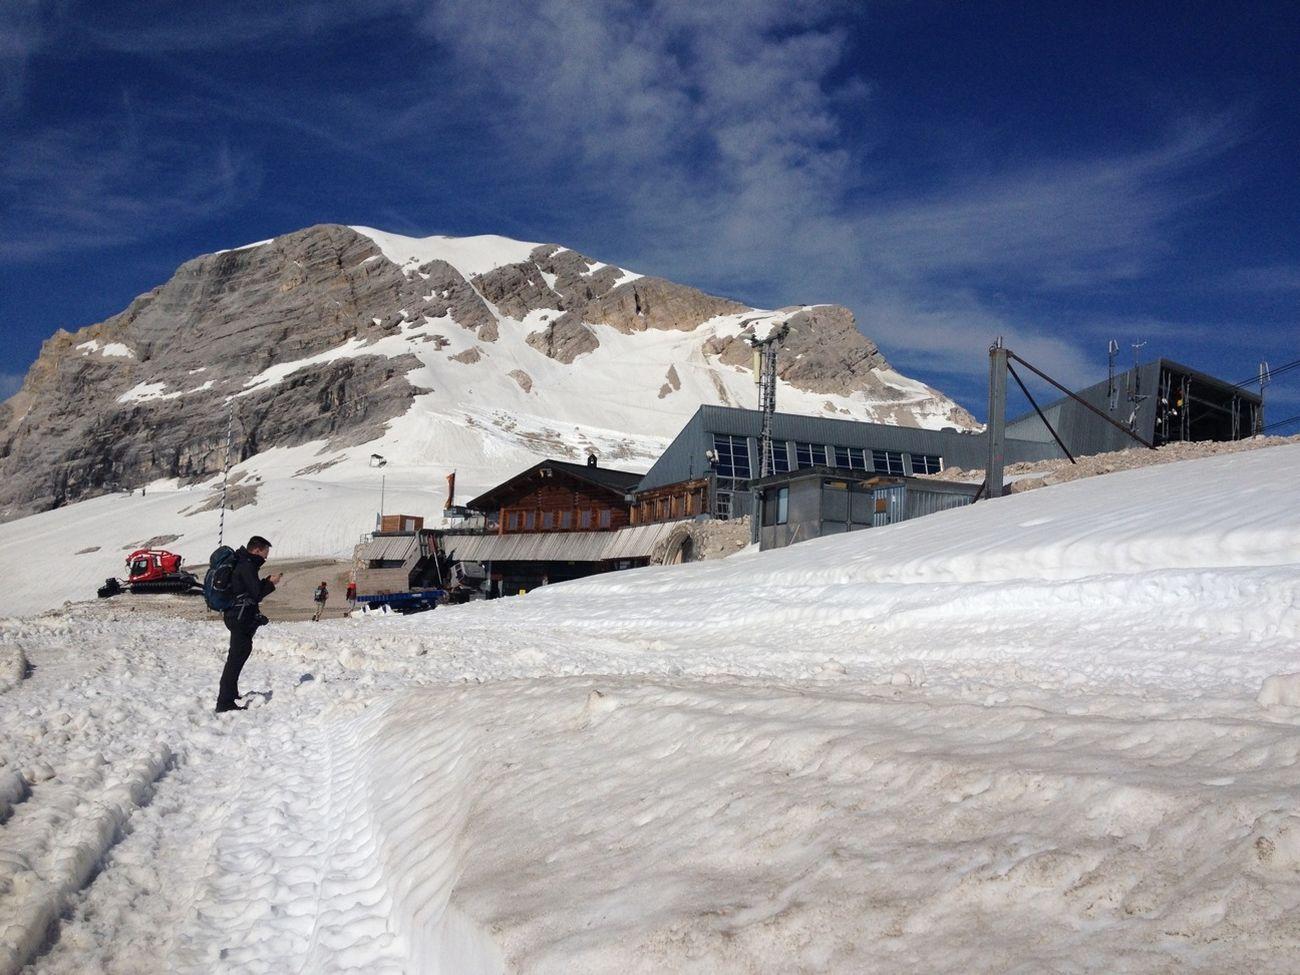 Letzte Station vor der Zugspitze!